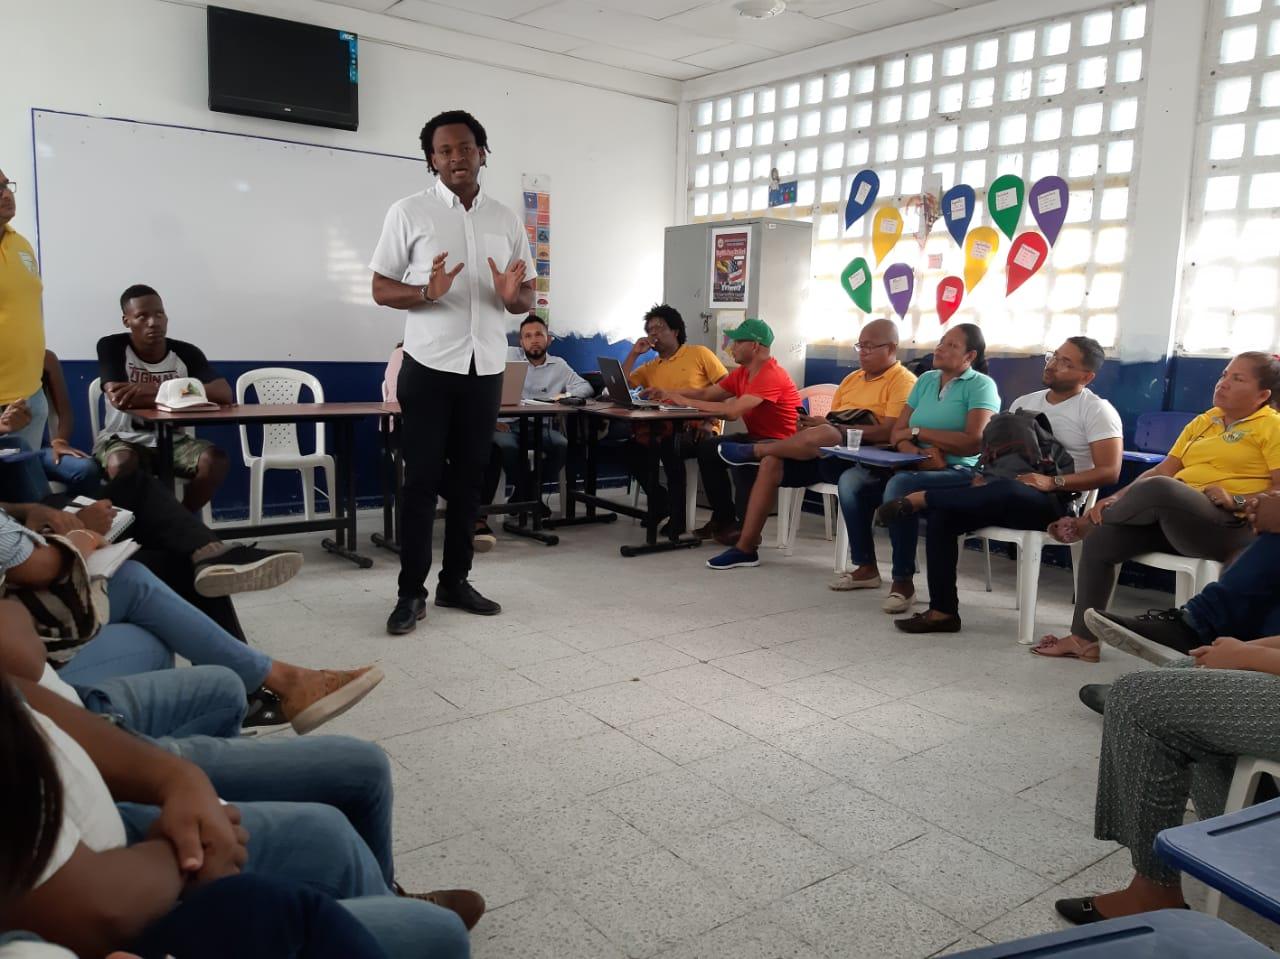 Se inician diálogos con líderes y ciudadanos, de cara a las próximas elecciones de Juntas de Acción Comunal